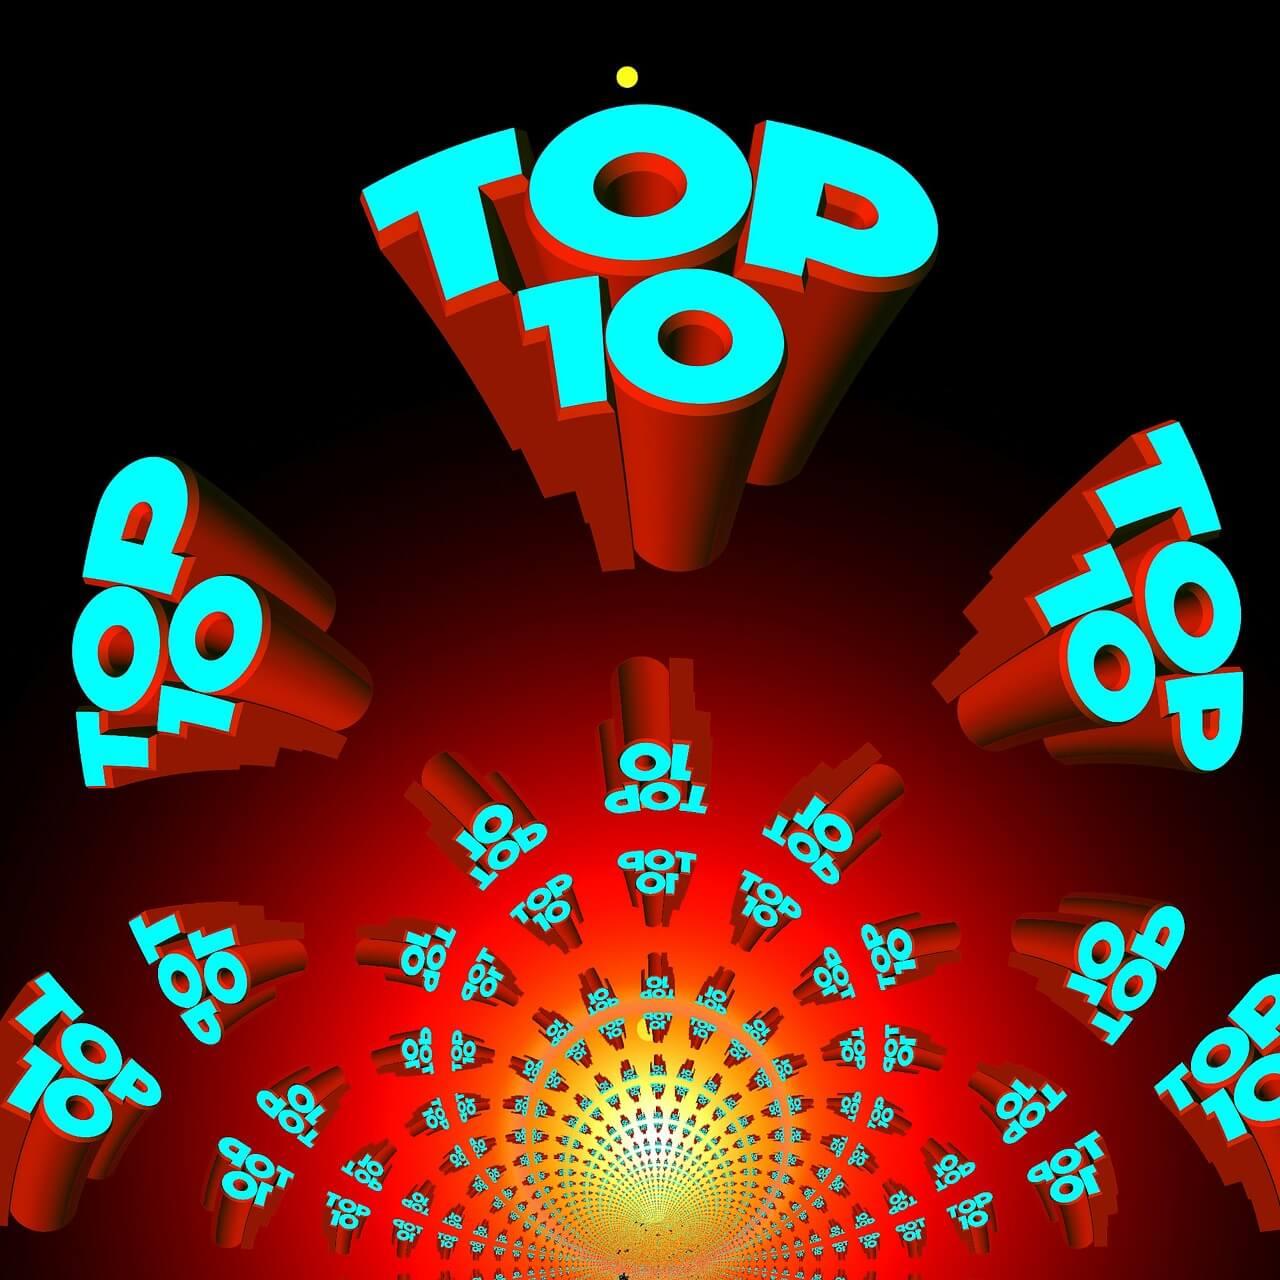 rot gelbes zentrum, in das Top 10 in türkis zeigen